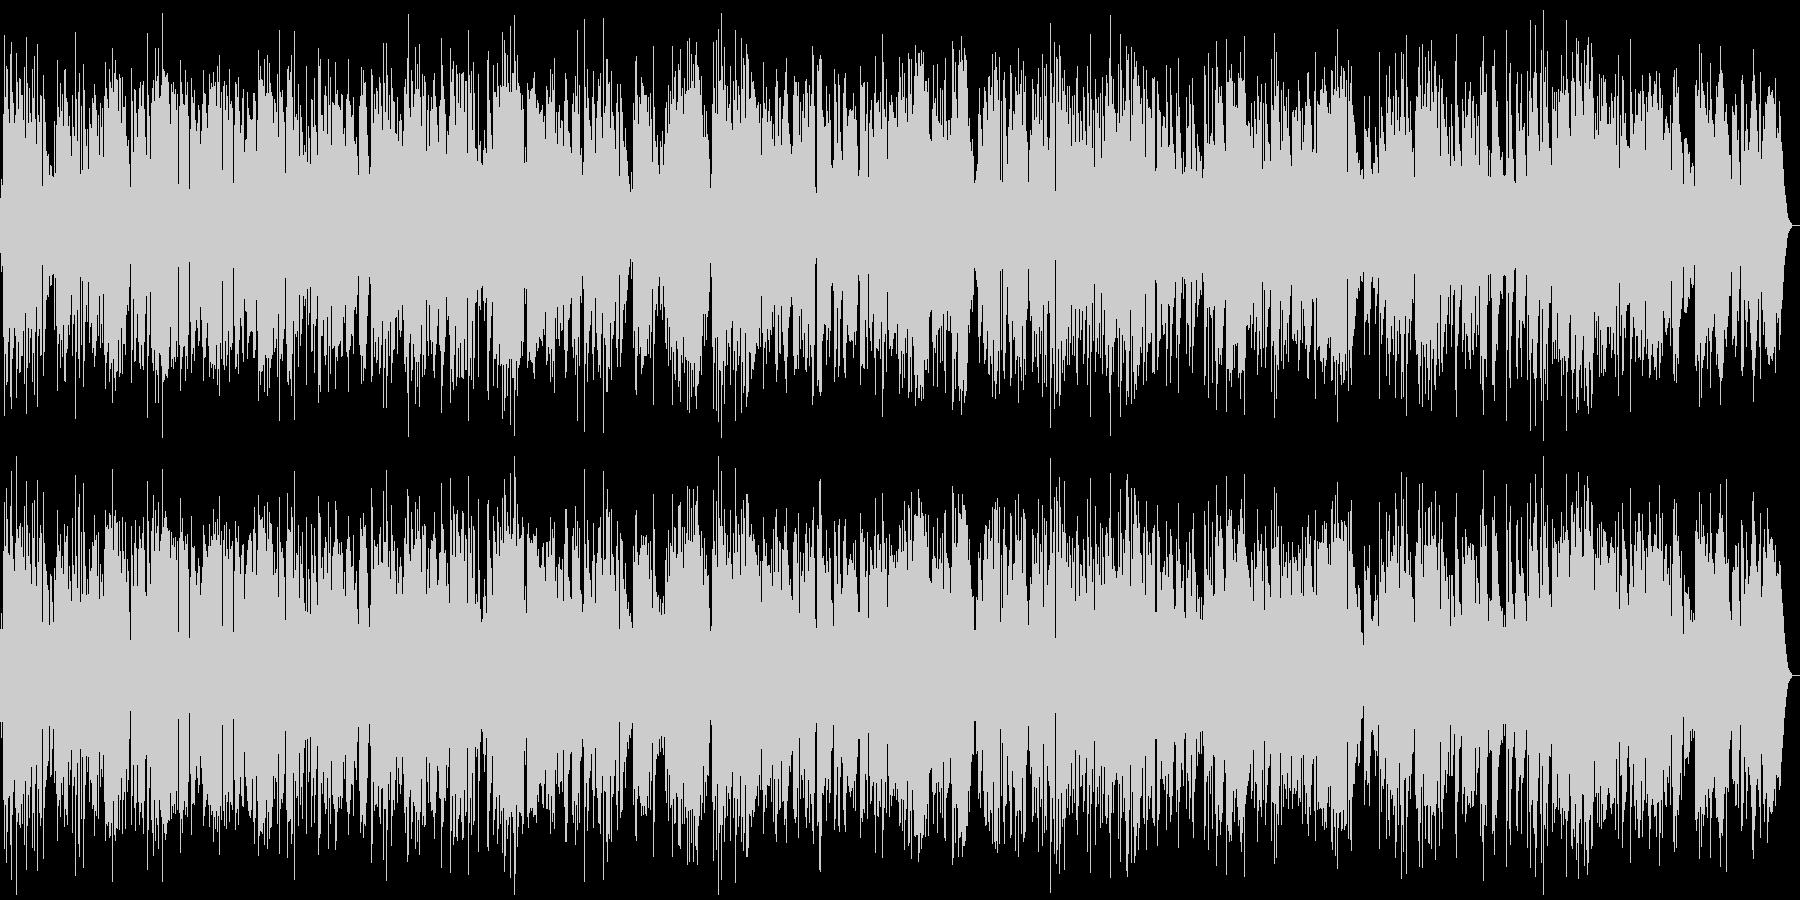 ギター・お洒落なジャズ/オープニング等にの未再生の波形